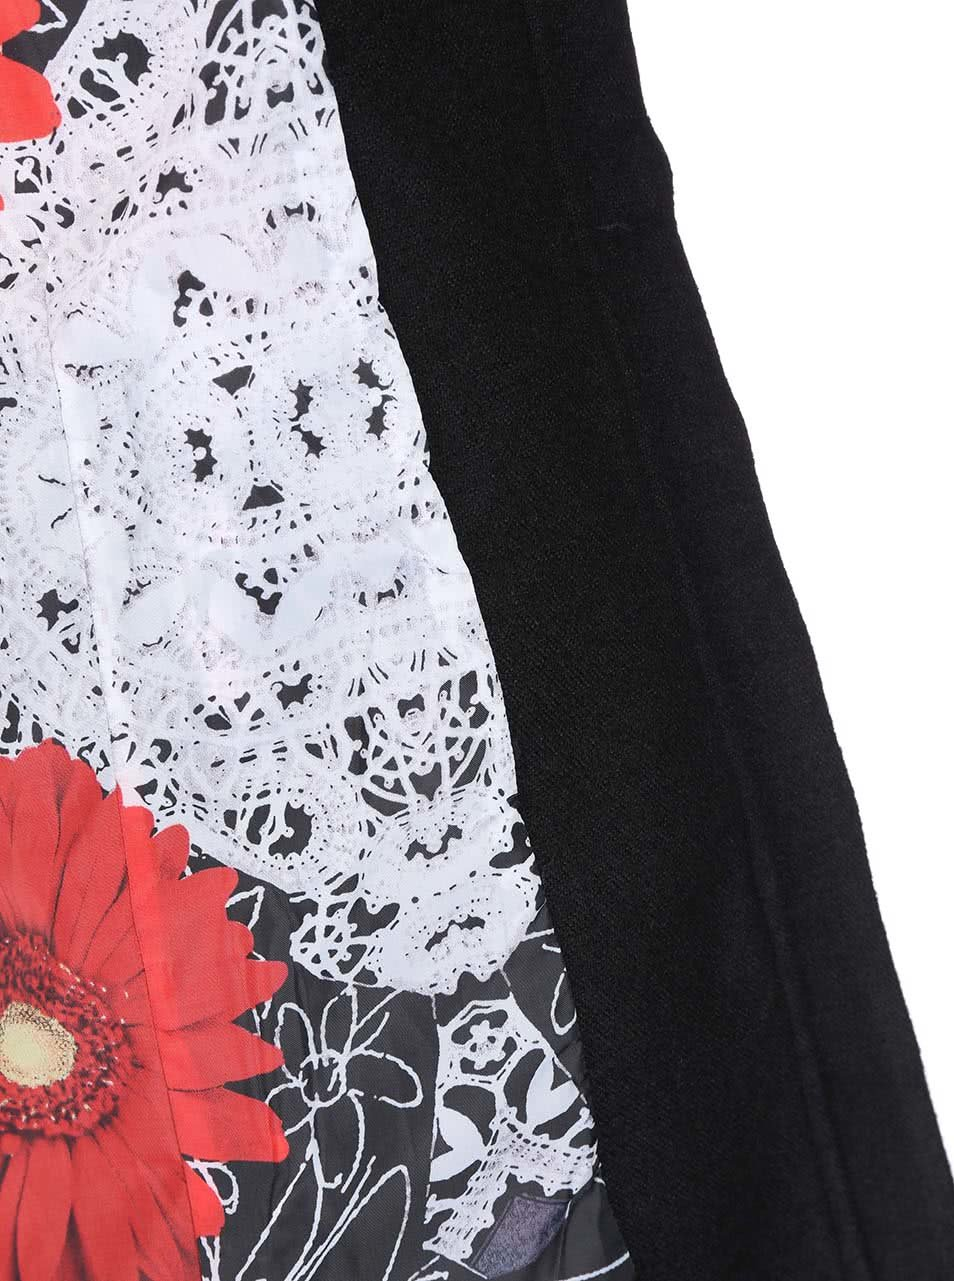 Čierny kabát s kvetinovou podšívkou Desigual Lucia ... 1387cb61652